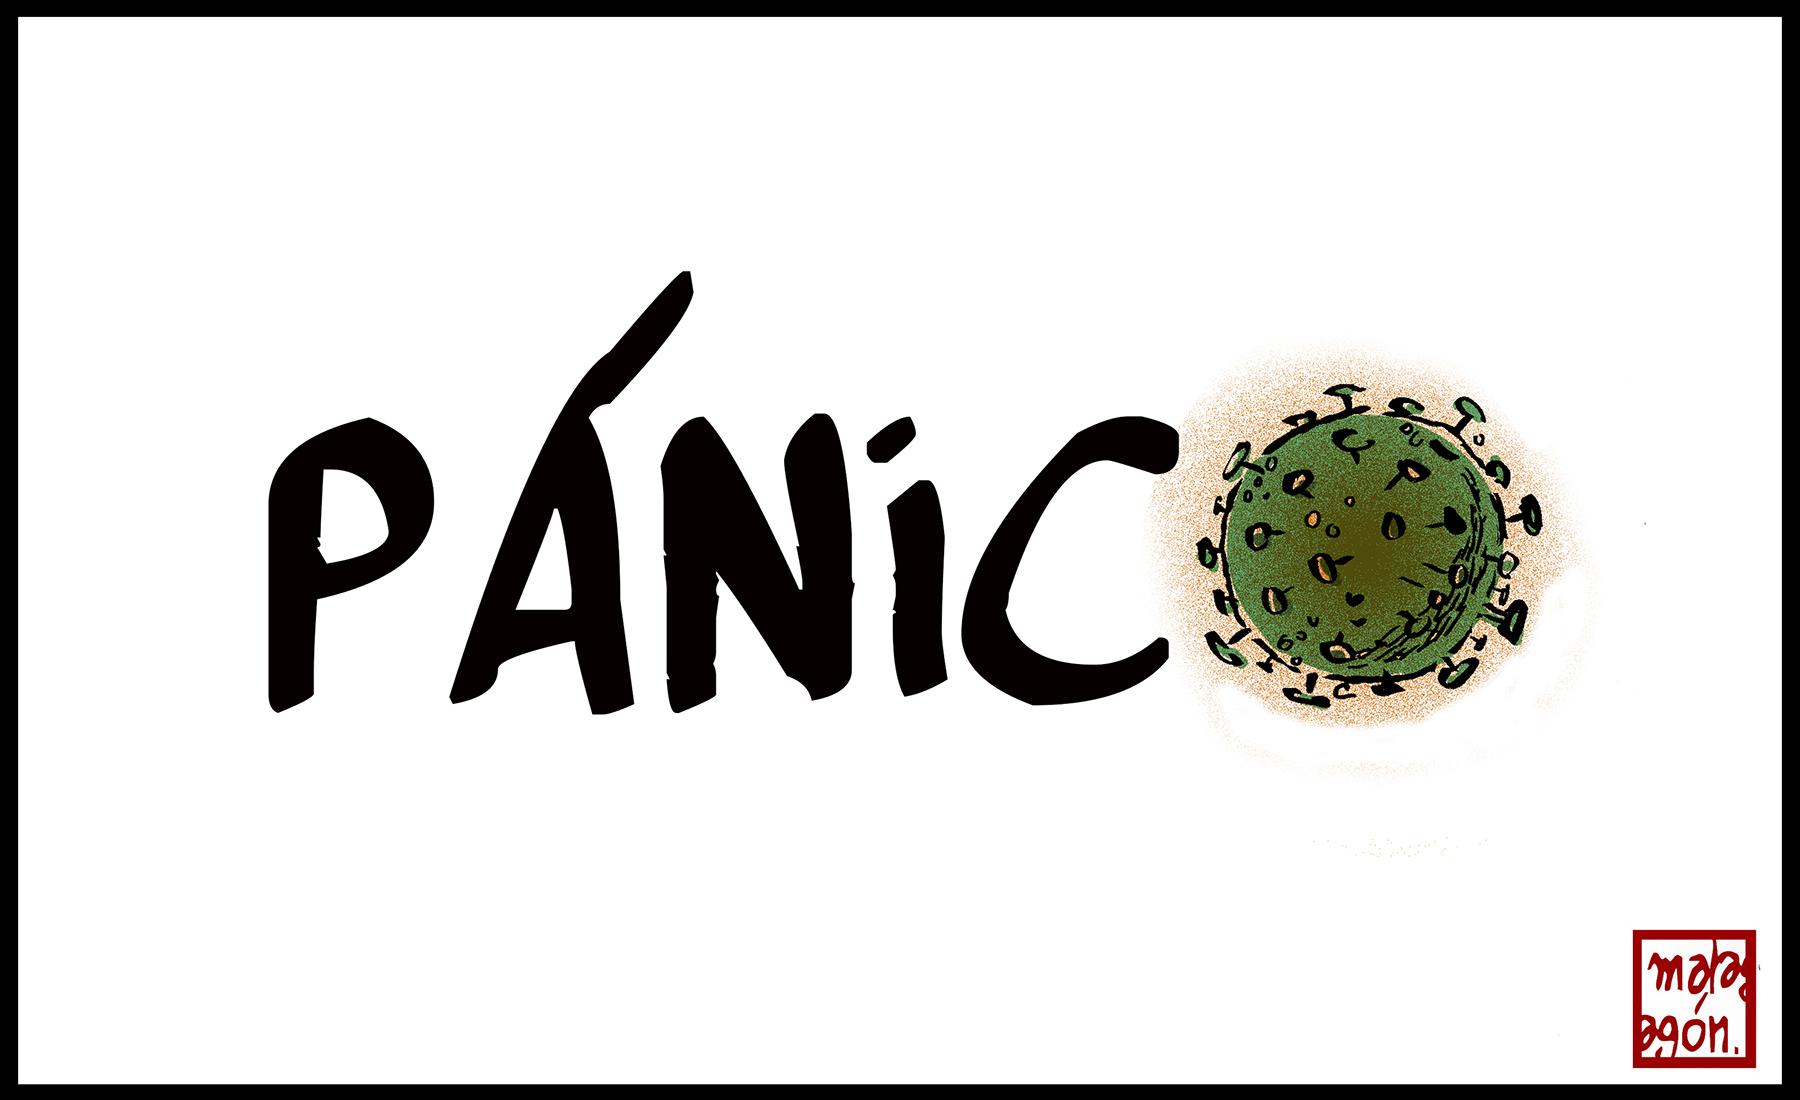 <p>Pánico</p>